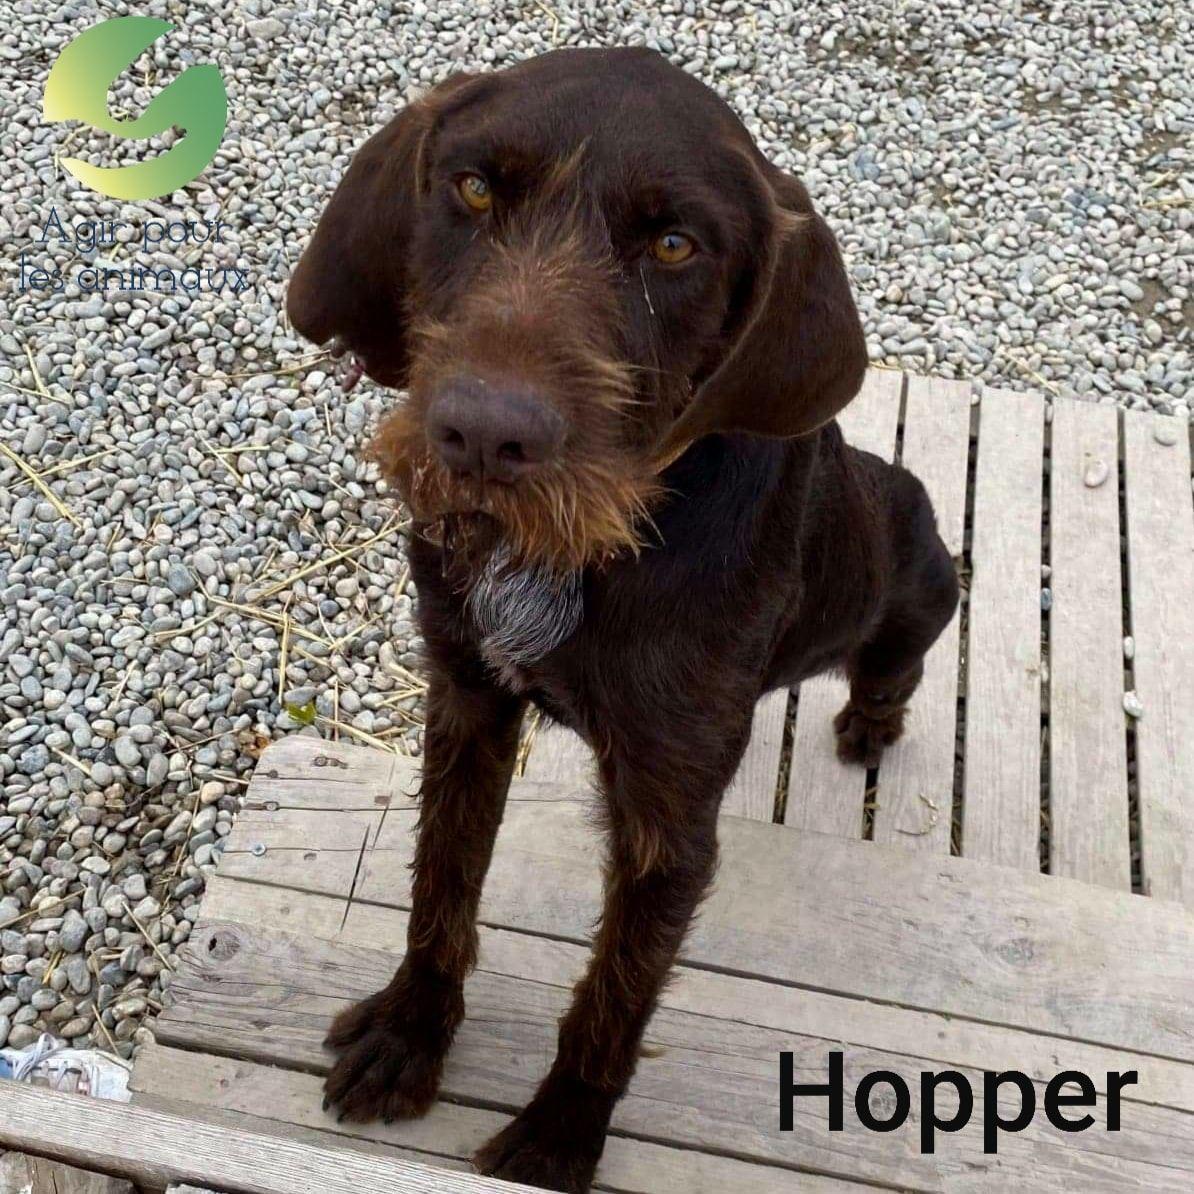 HOPPER - x drahthaar 4 ans -  Agir pour les animaux à Castelginest (31) 5fc27ba0699a8262146989